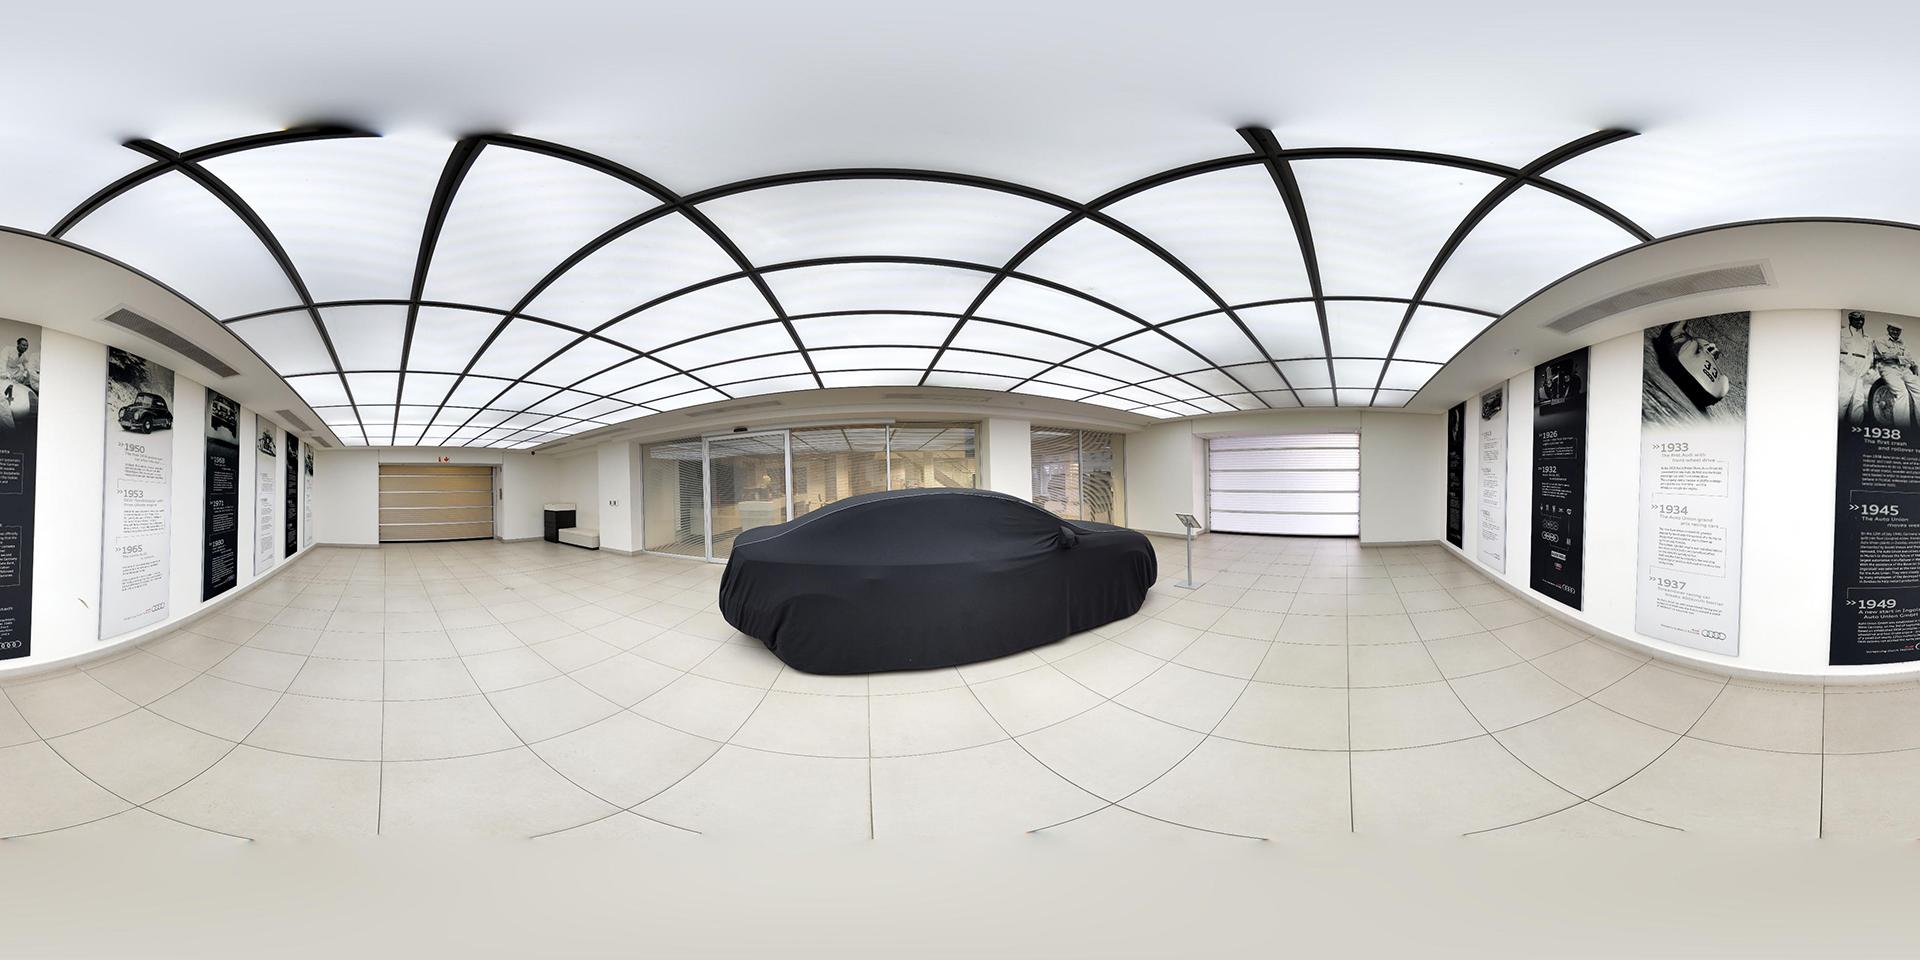 360-image-virtual-tour-pre-owned-automotive-dealership